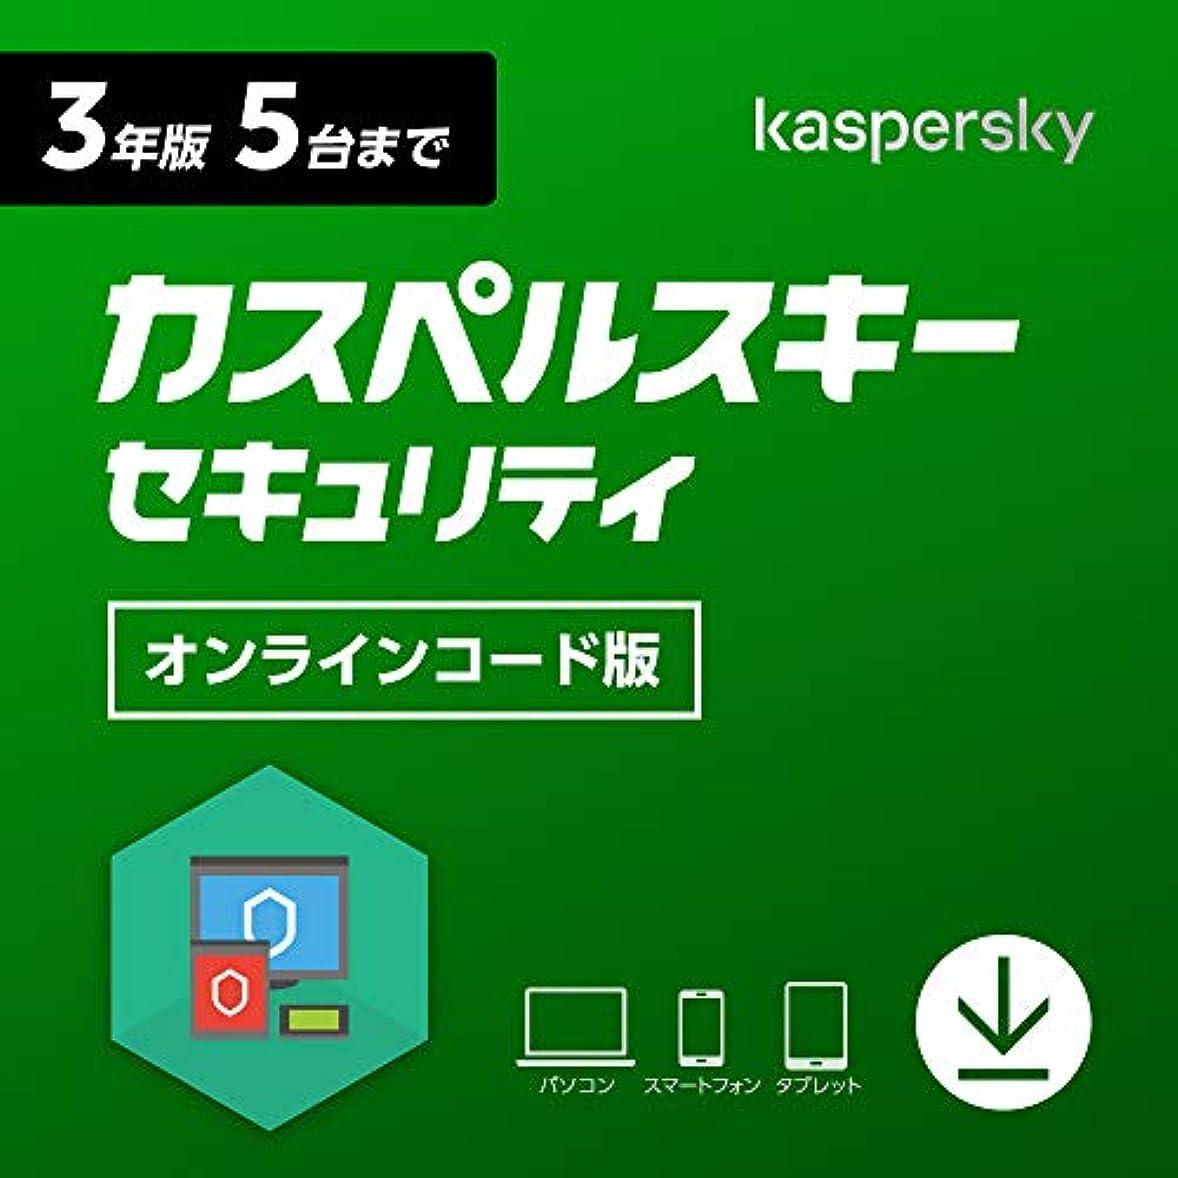 嫌がる暫定のグラスカスペルスキー セキュリティ (最新版) | 3年 5台版 | オンラインコード版 | Windows/Mac/Android対応